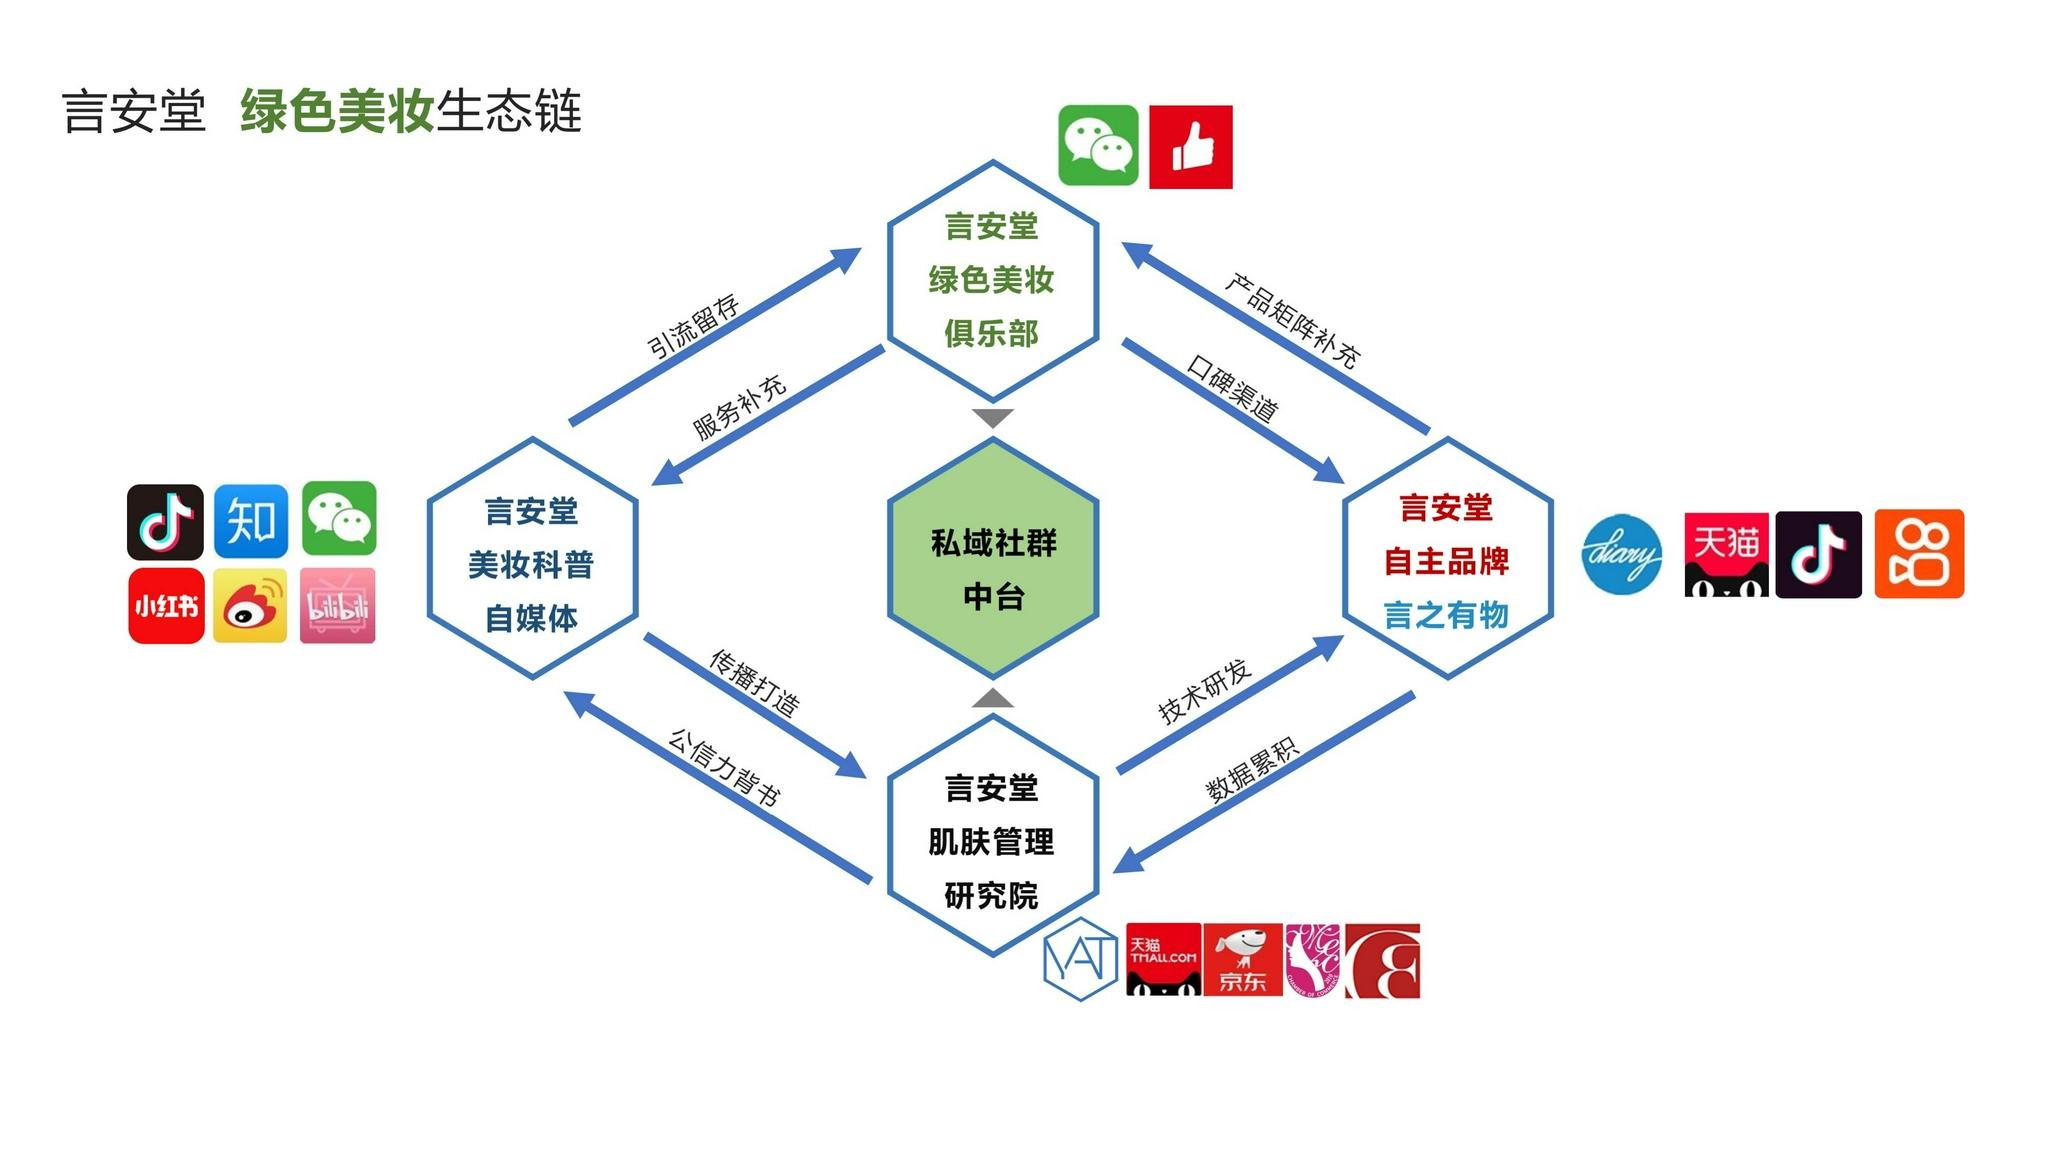 36氪首发   「言安堂」完成数千万元A轮融资,将聚焦环保包装加速数字化转型